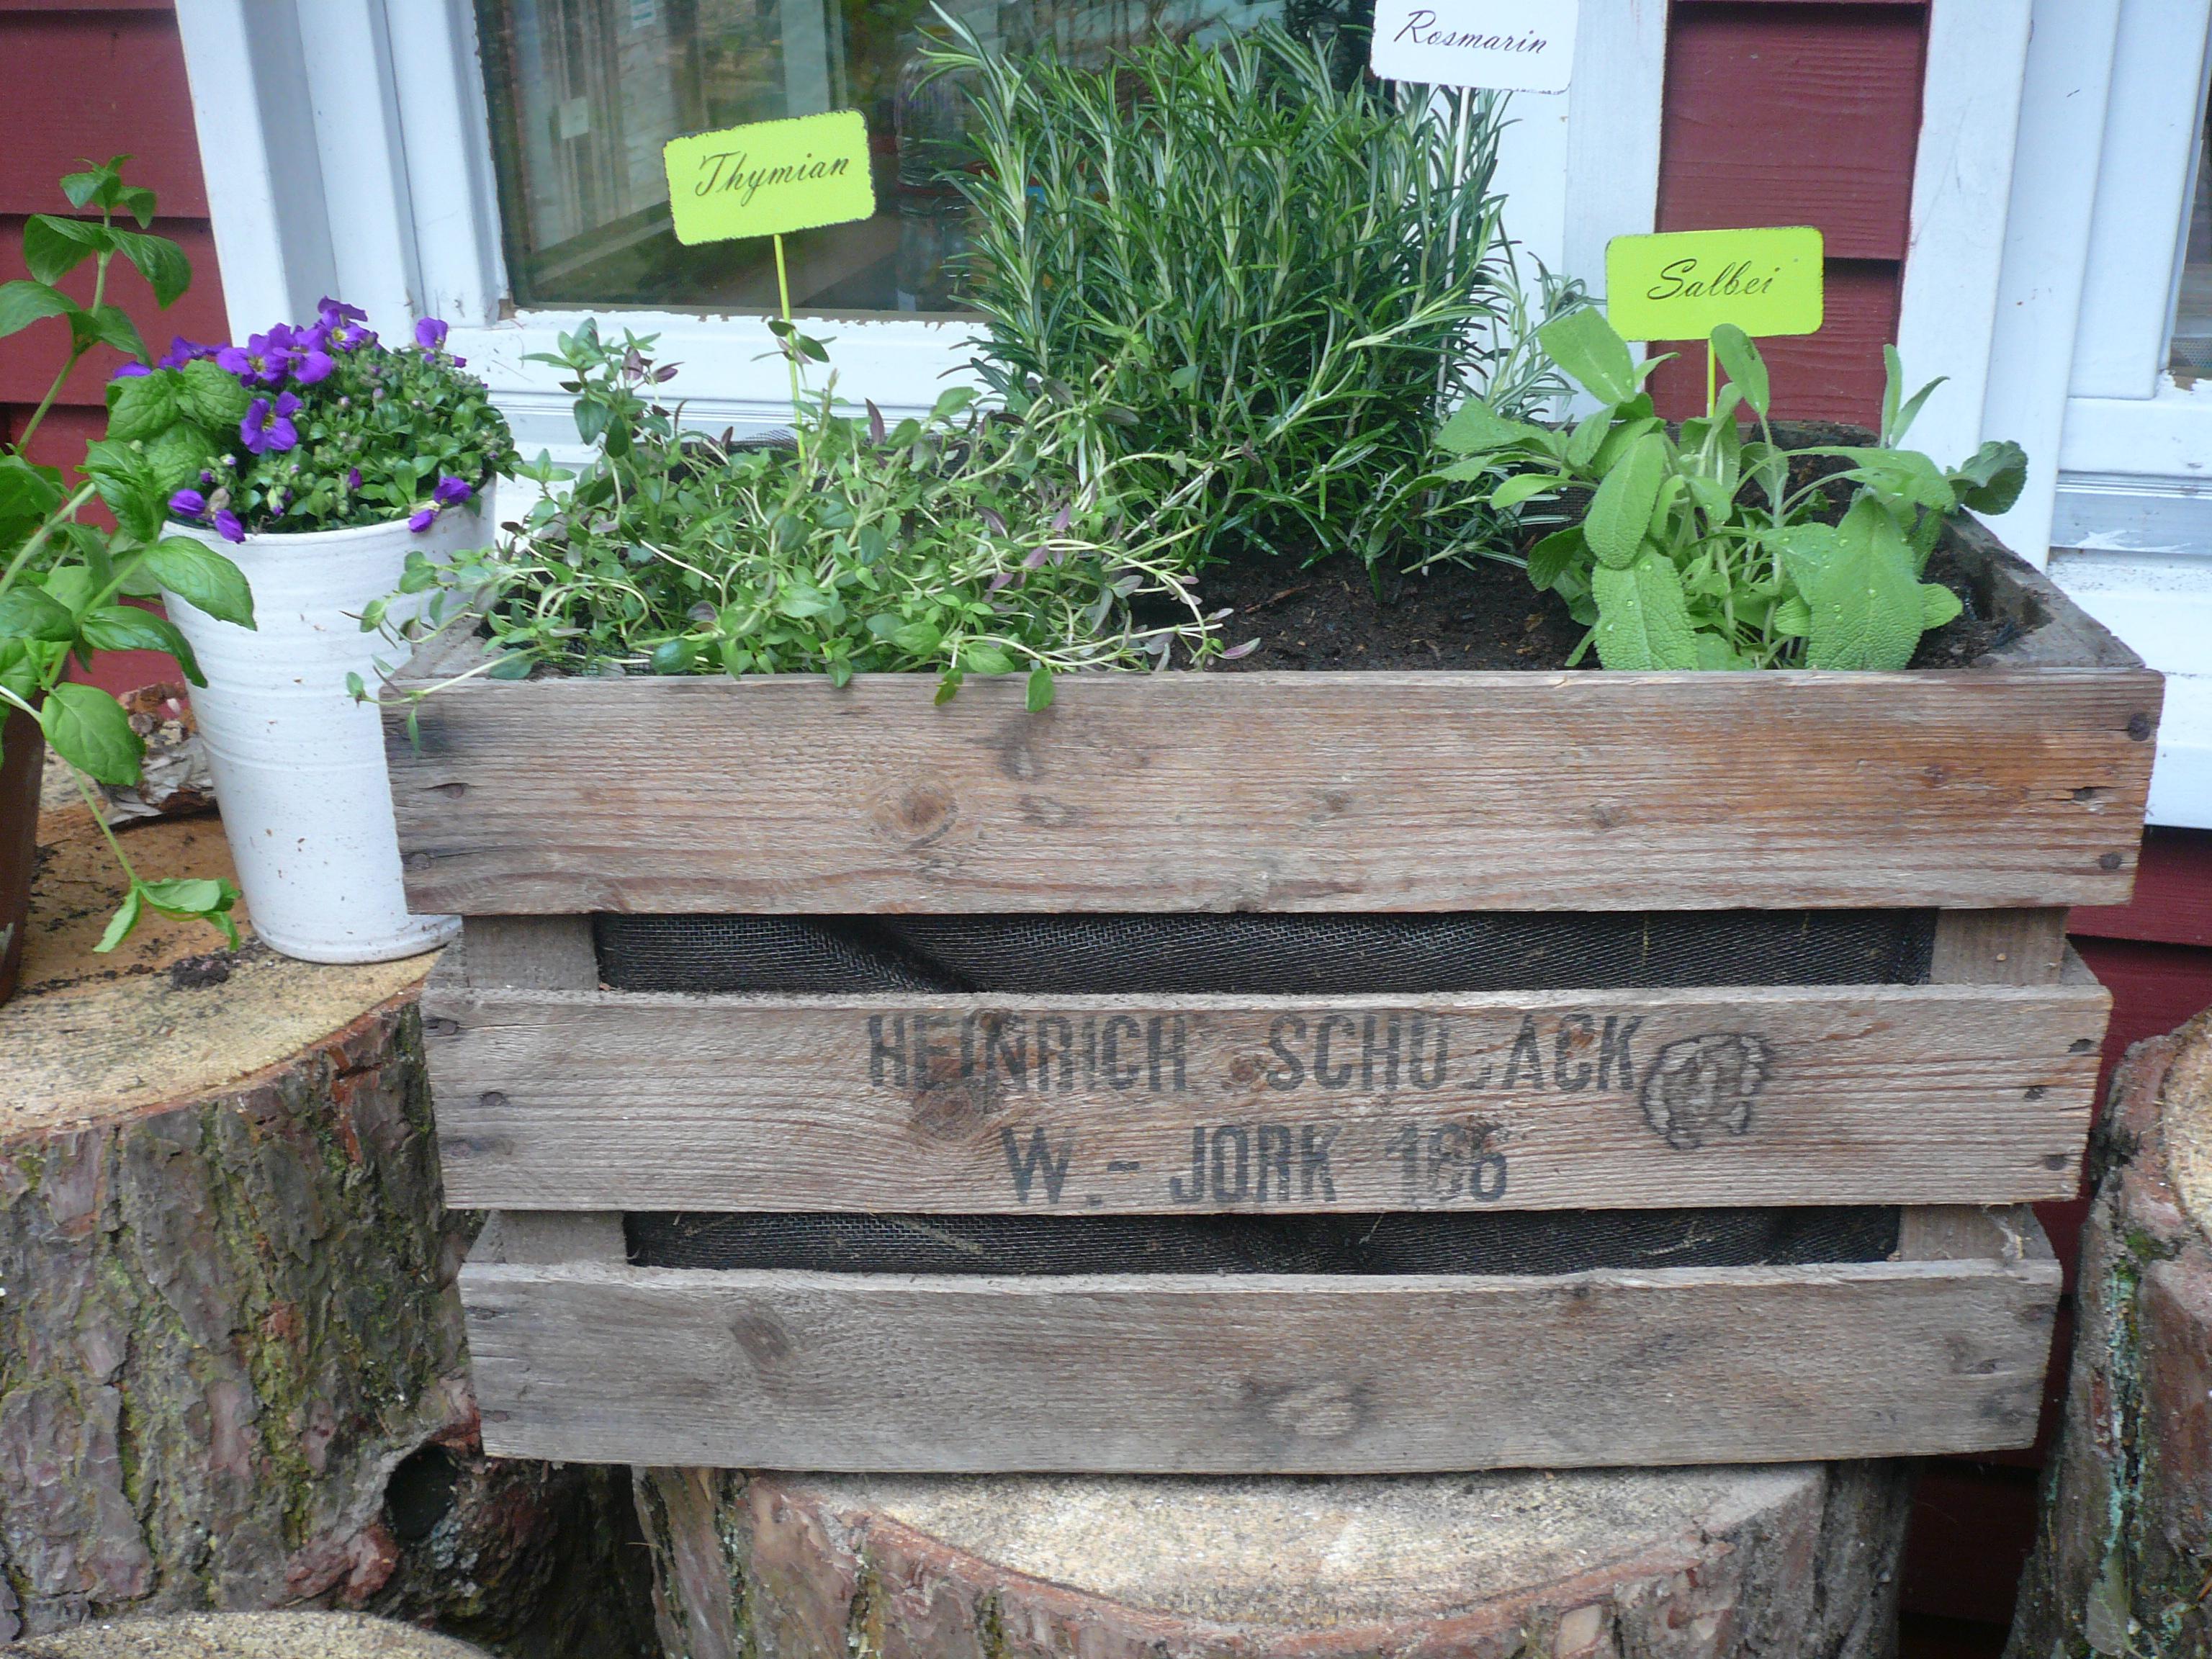 Schöne Möbel Oder Deko Für Deinen Garten, Lässt Sich Auch Ganz Einfach Selbst  Bauen.